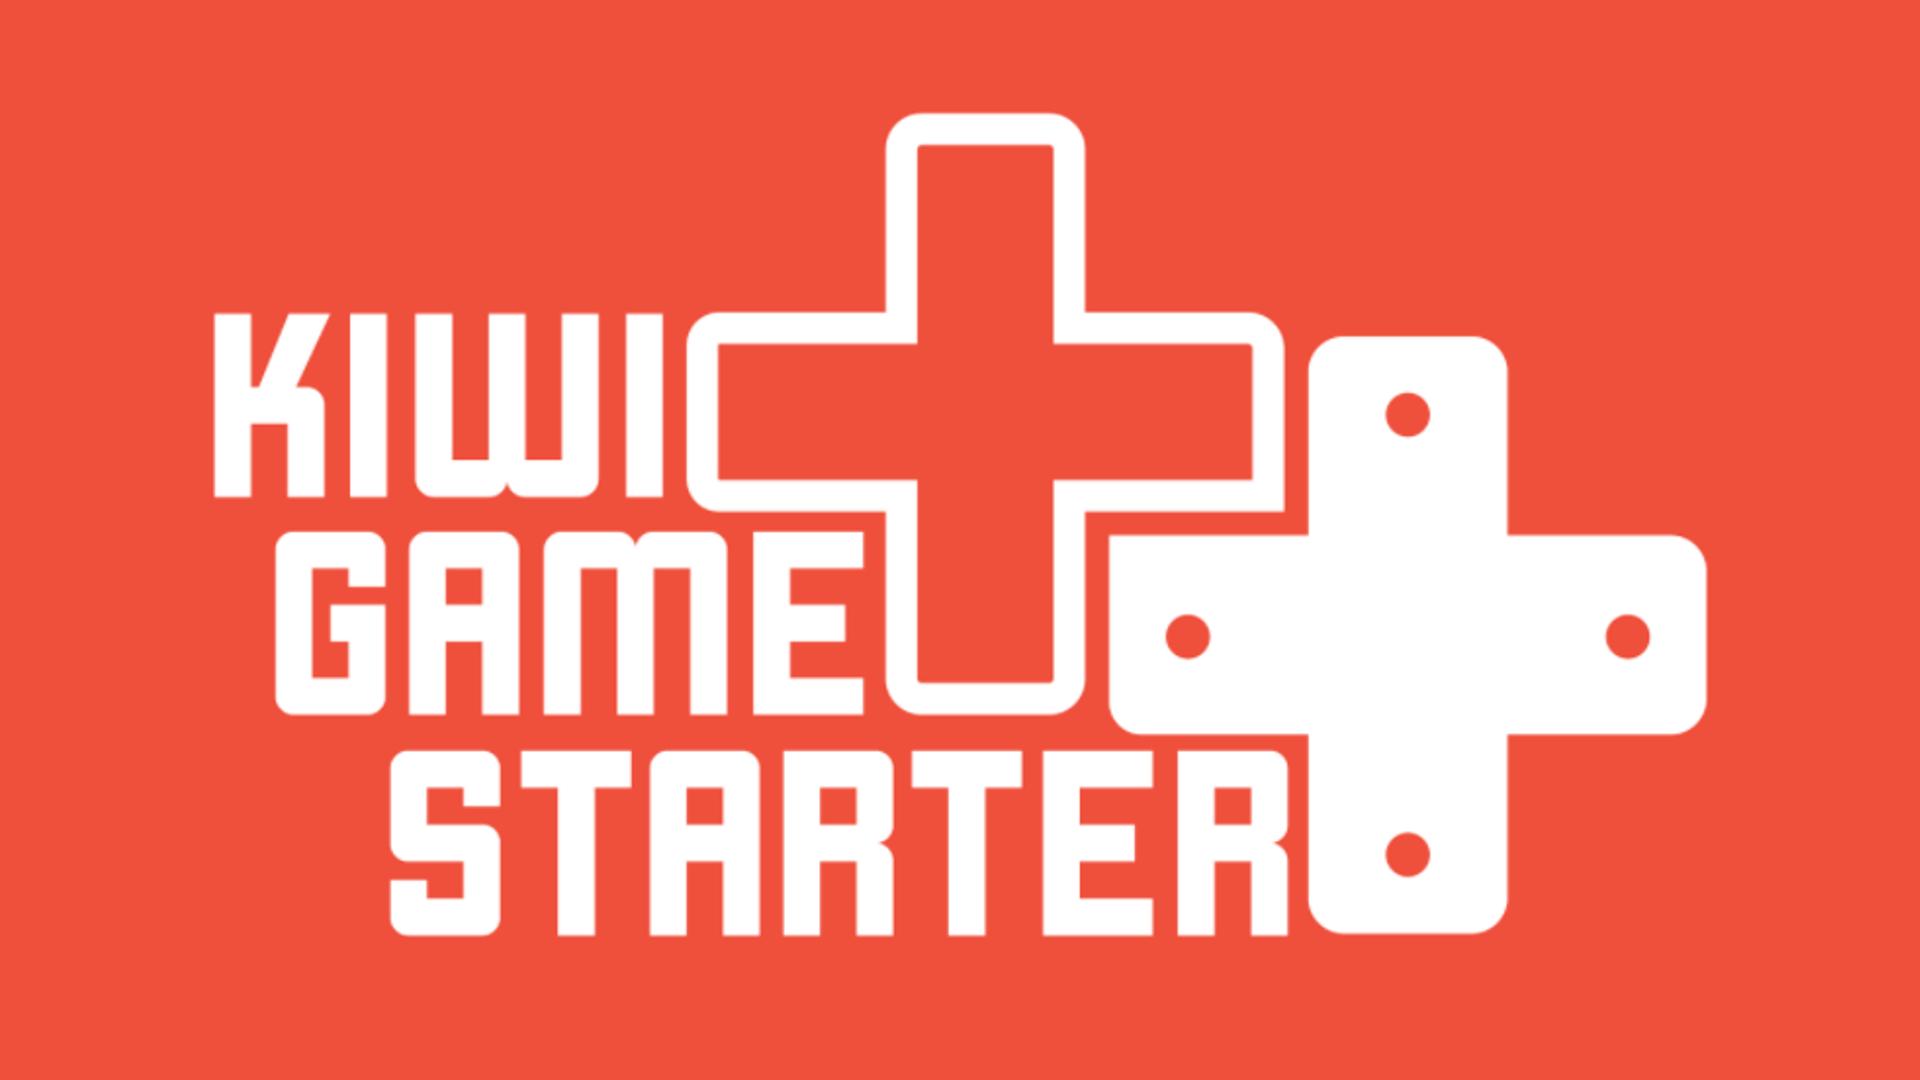 NZGDC, Kiwi Game Starter and QA